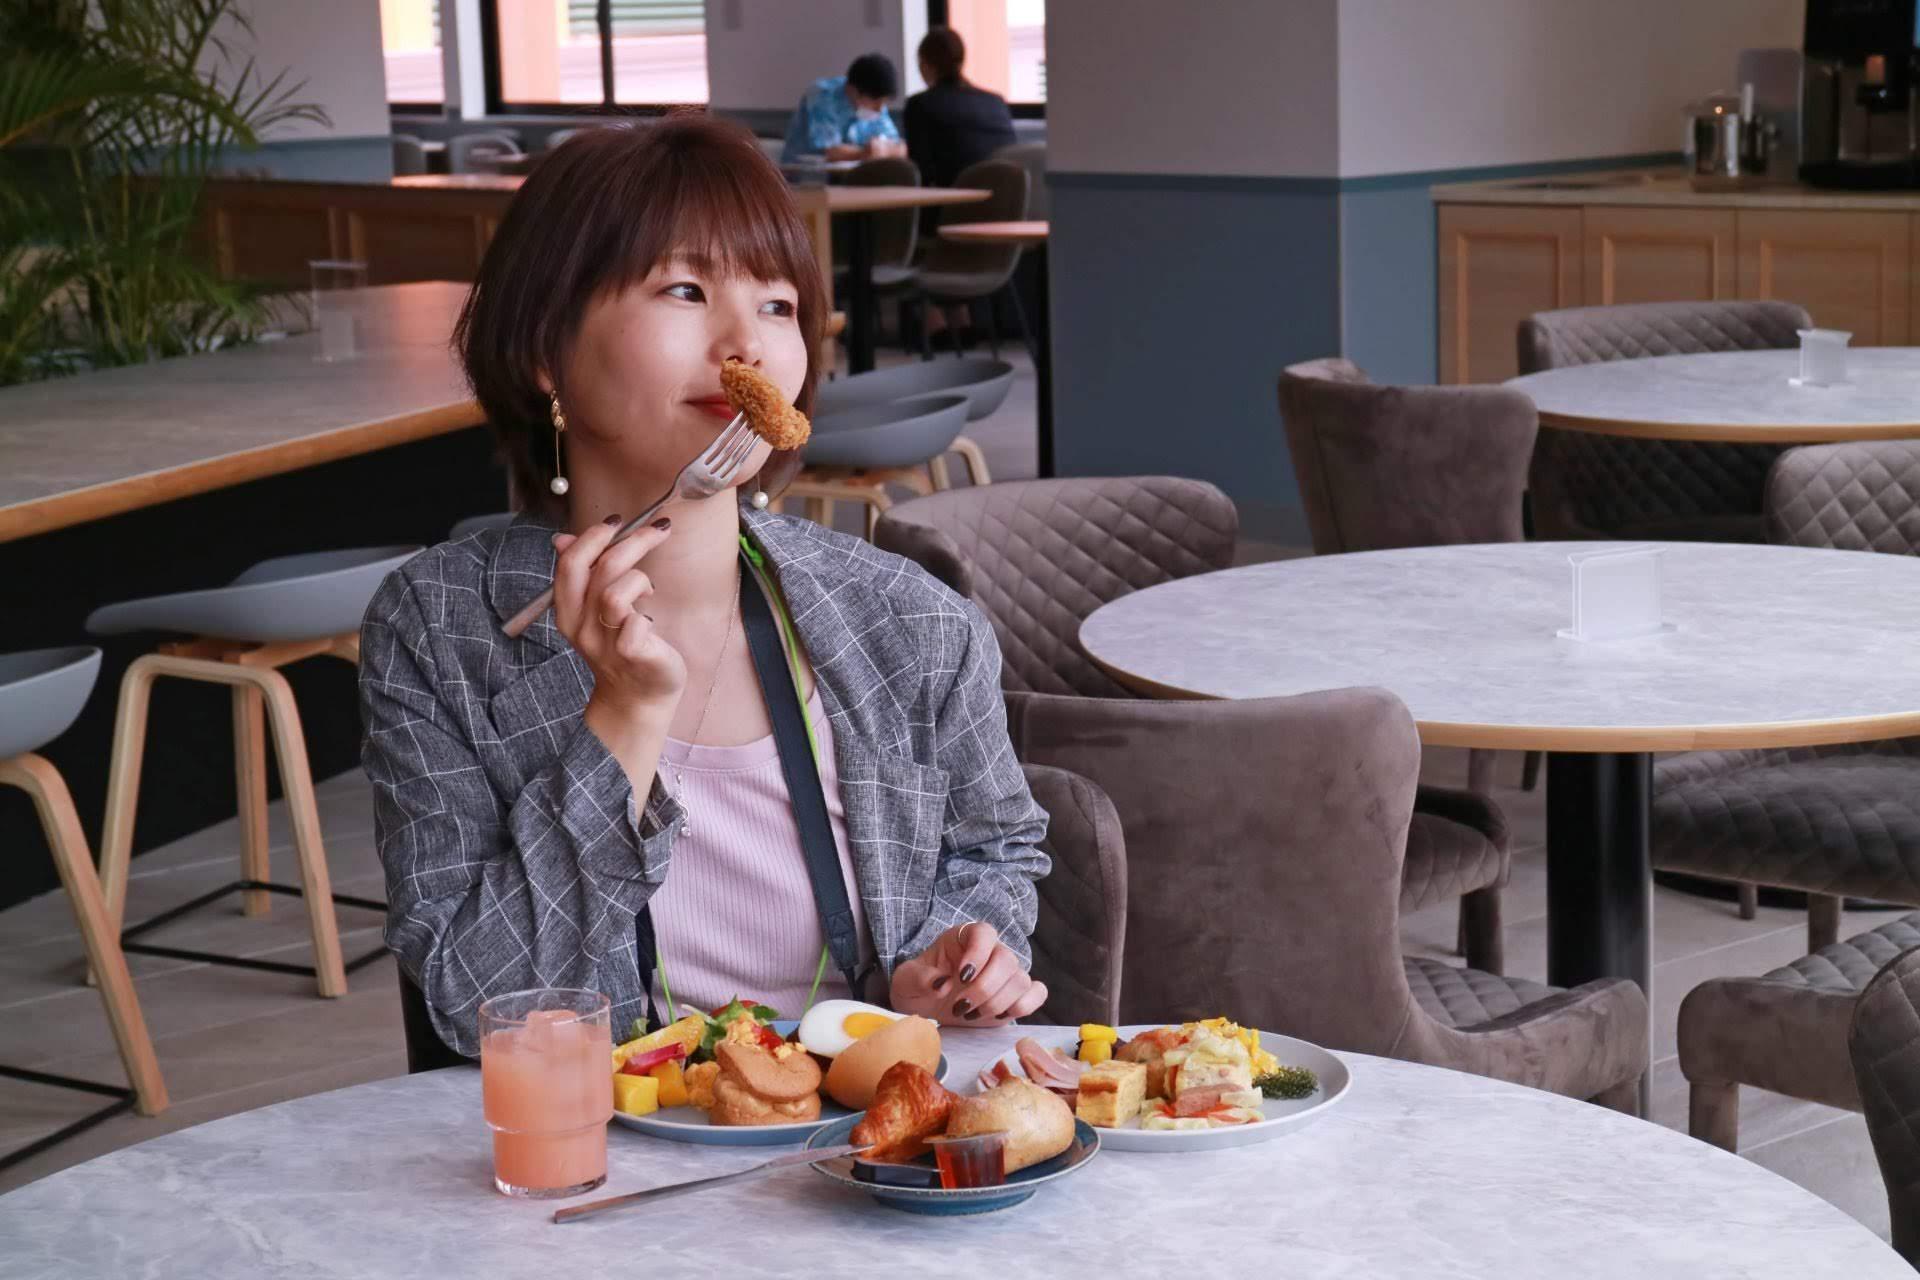 女性一人旅におすすめ!沖縄ホテル「レクー沖縄北谷スパ&リゾート」